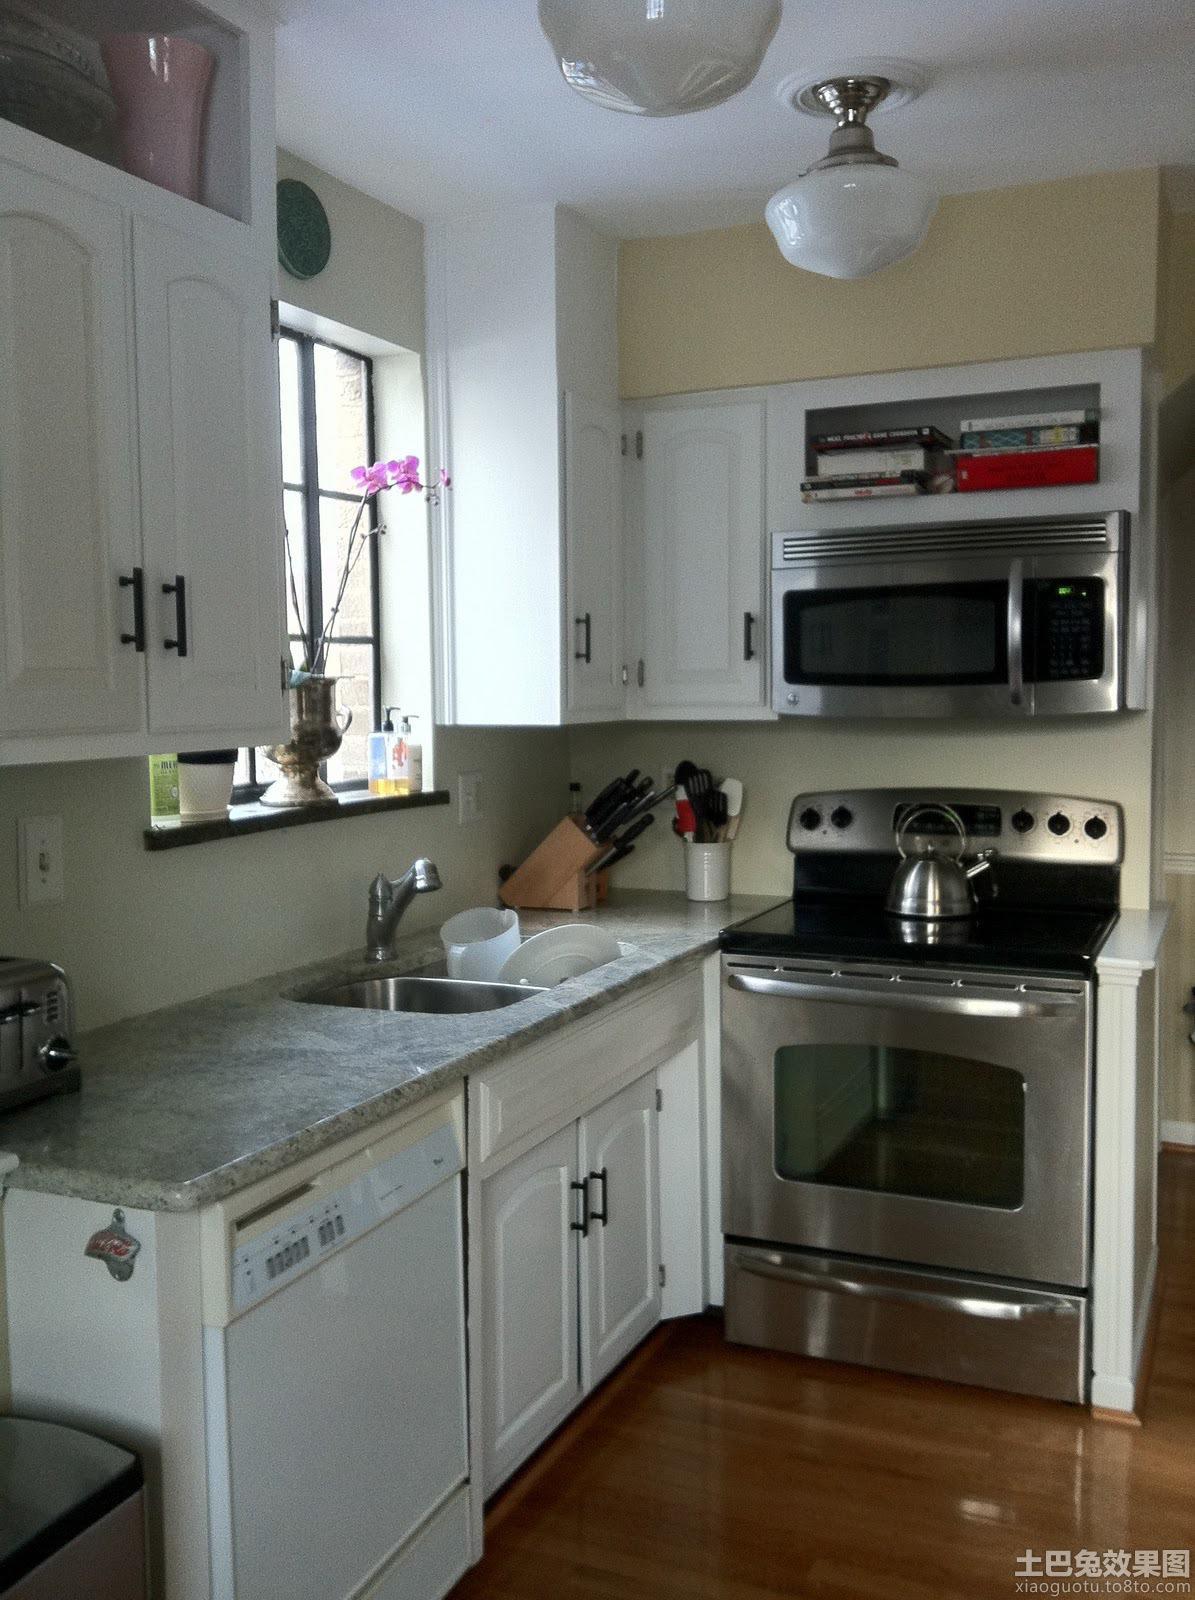 开放式小厨房设计_第2张 - 九正家居装修效果图图片